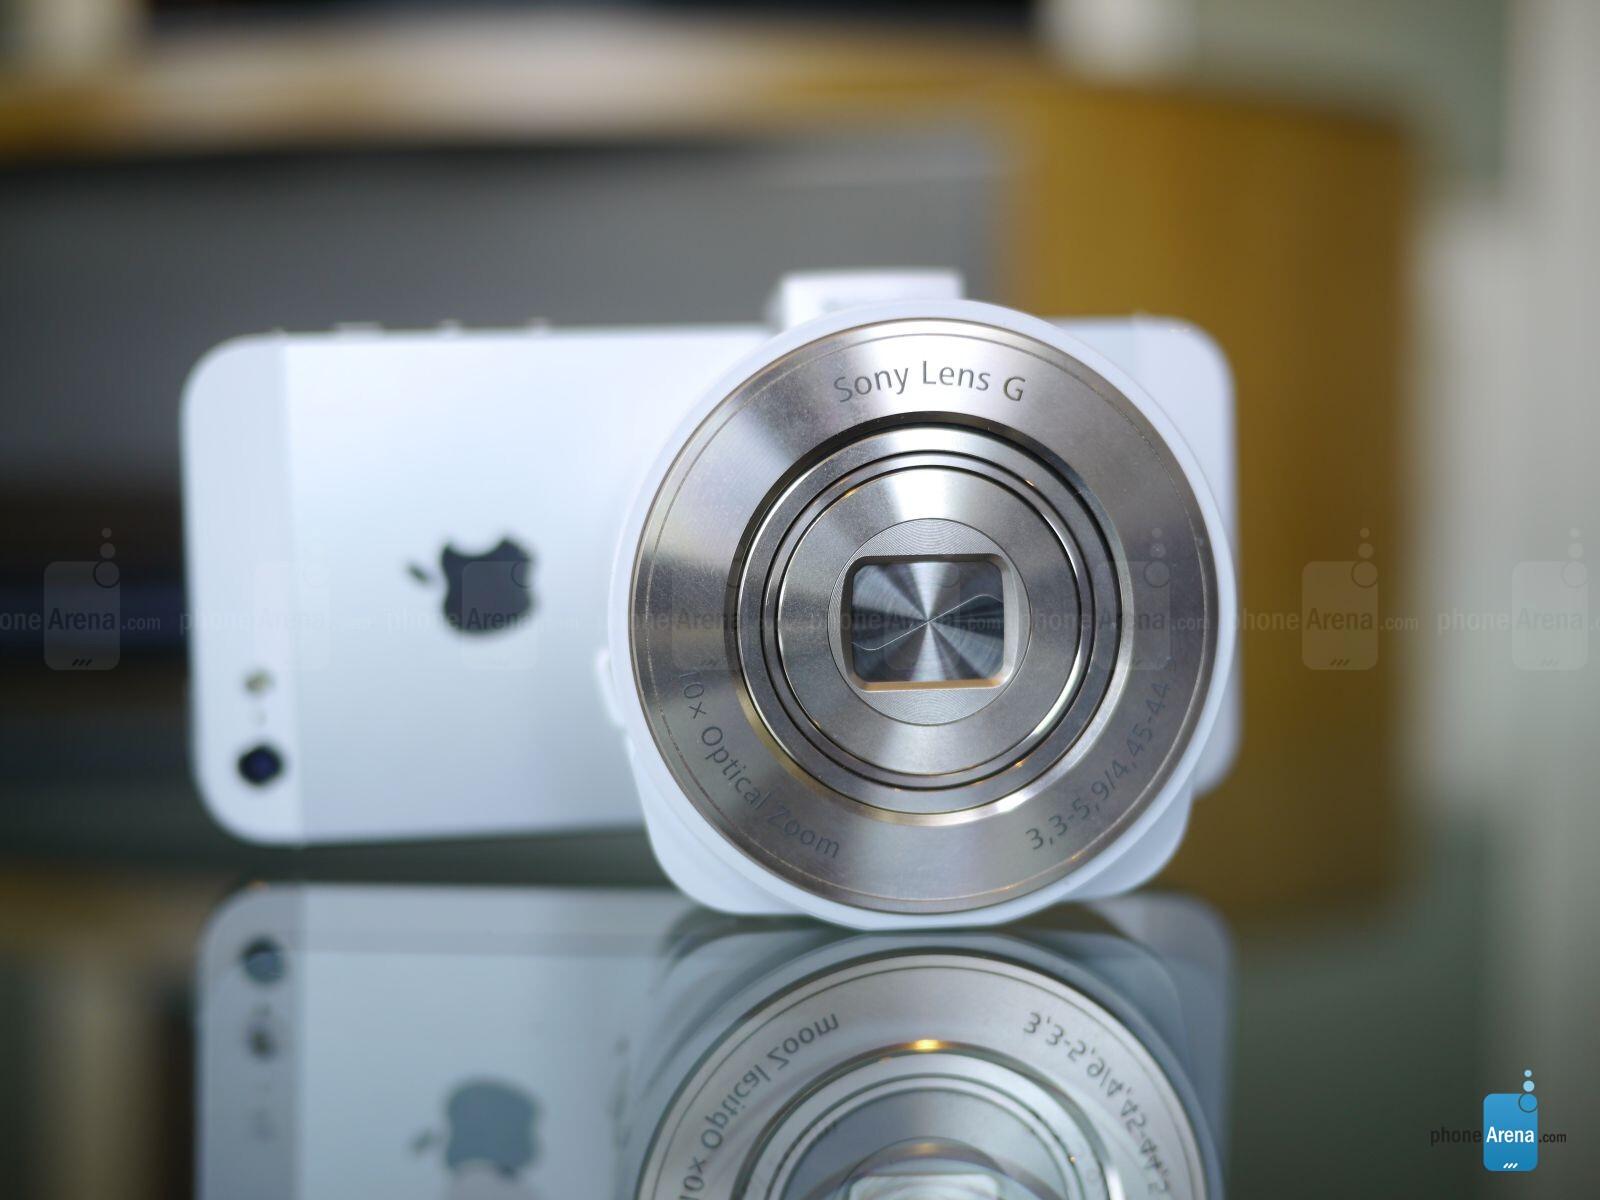 Sony lens cameras